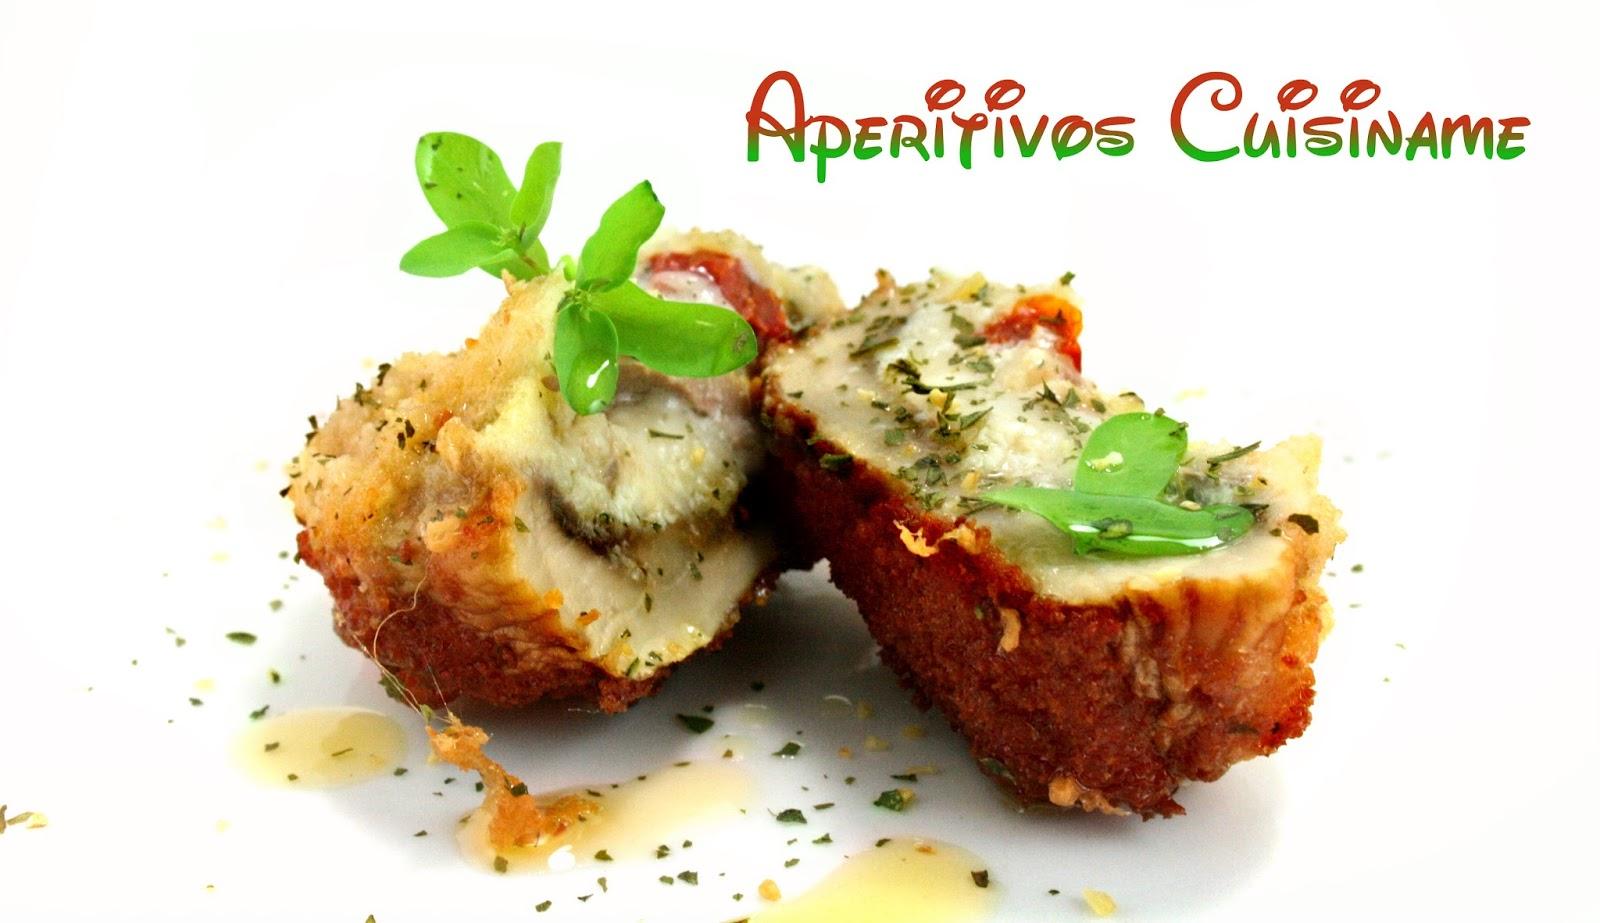 Recetas De Cocina Aperitivos Originales | Recetas De Cocina Cuisiname